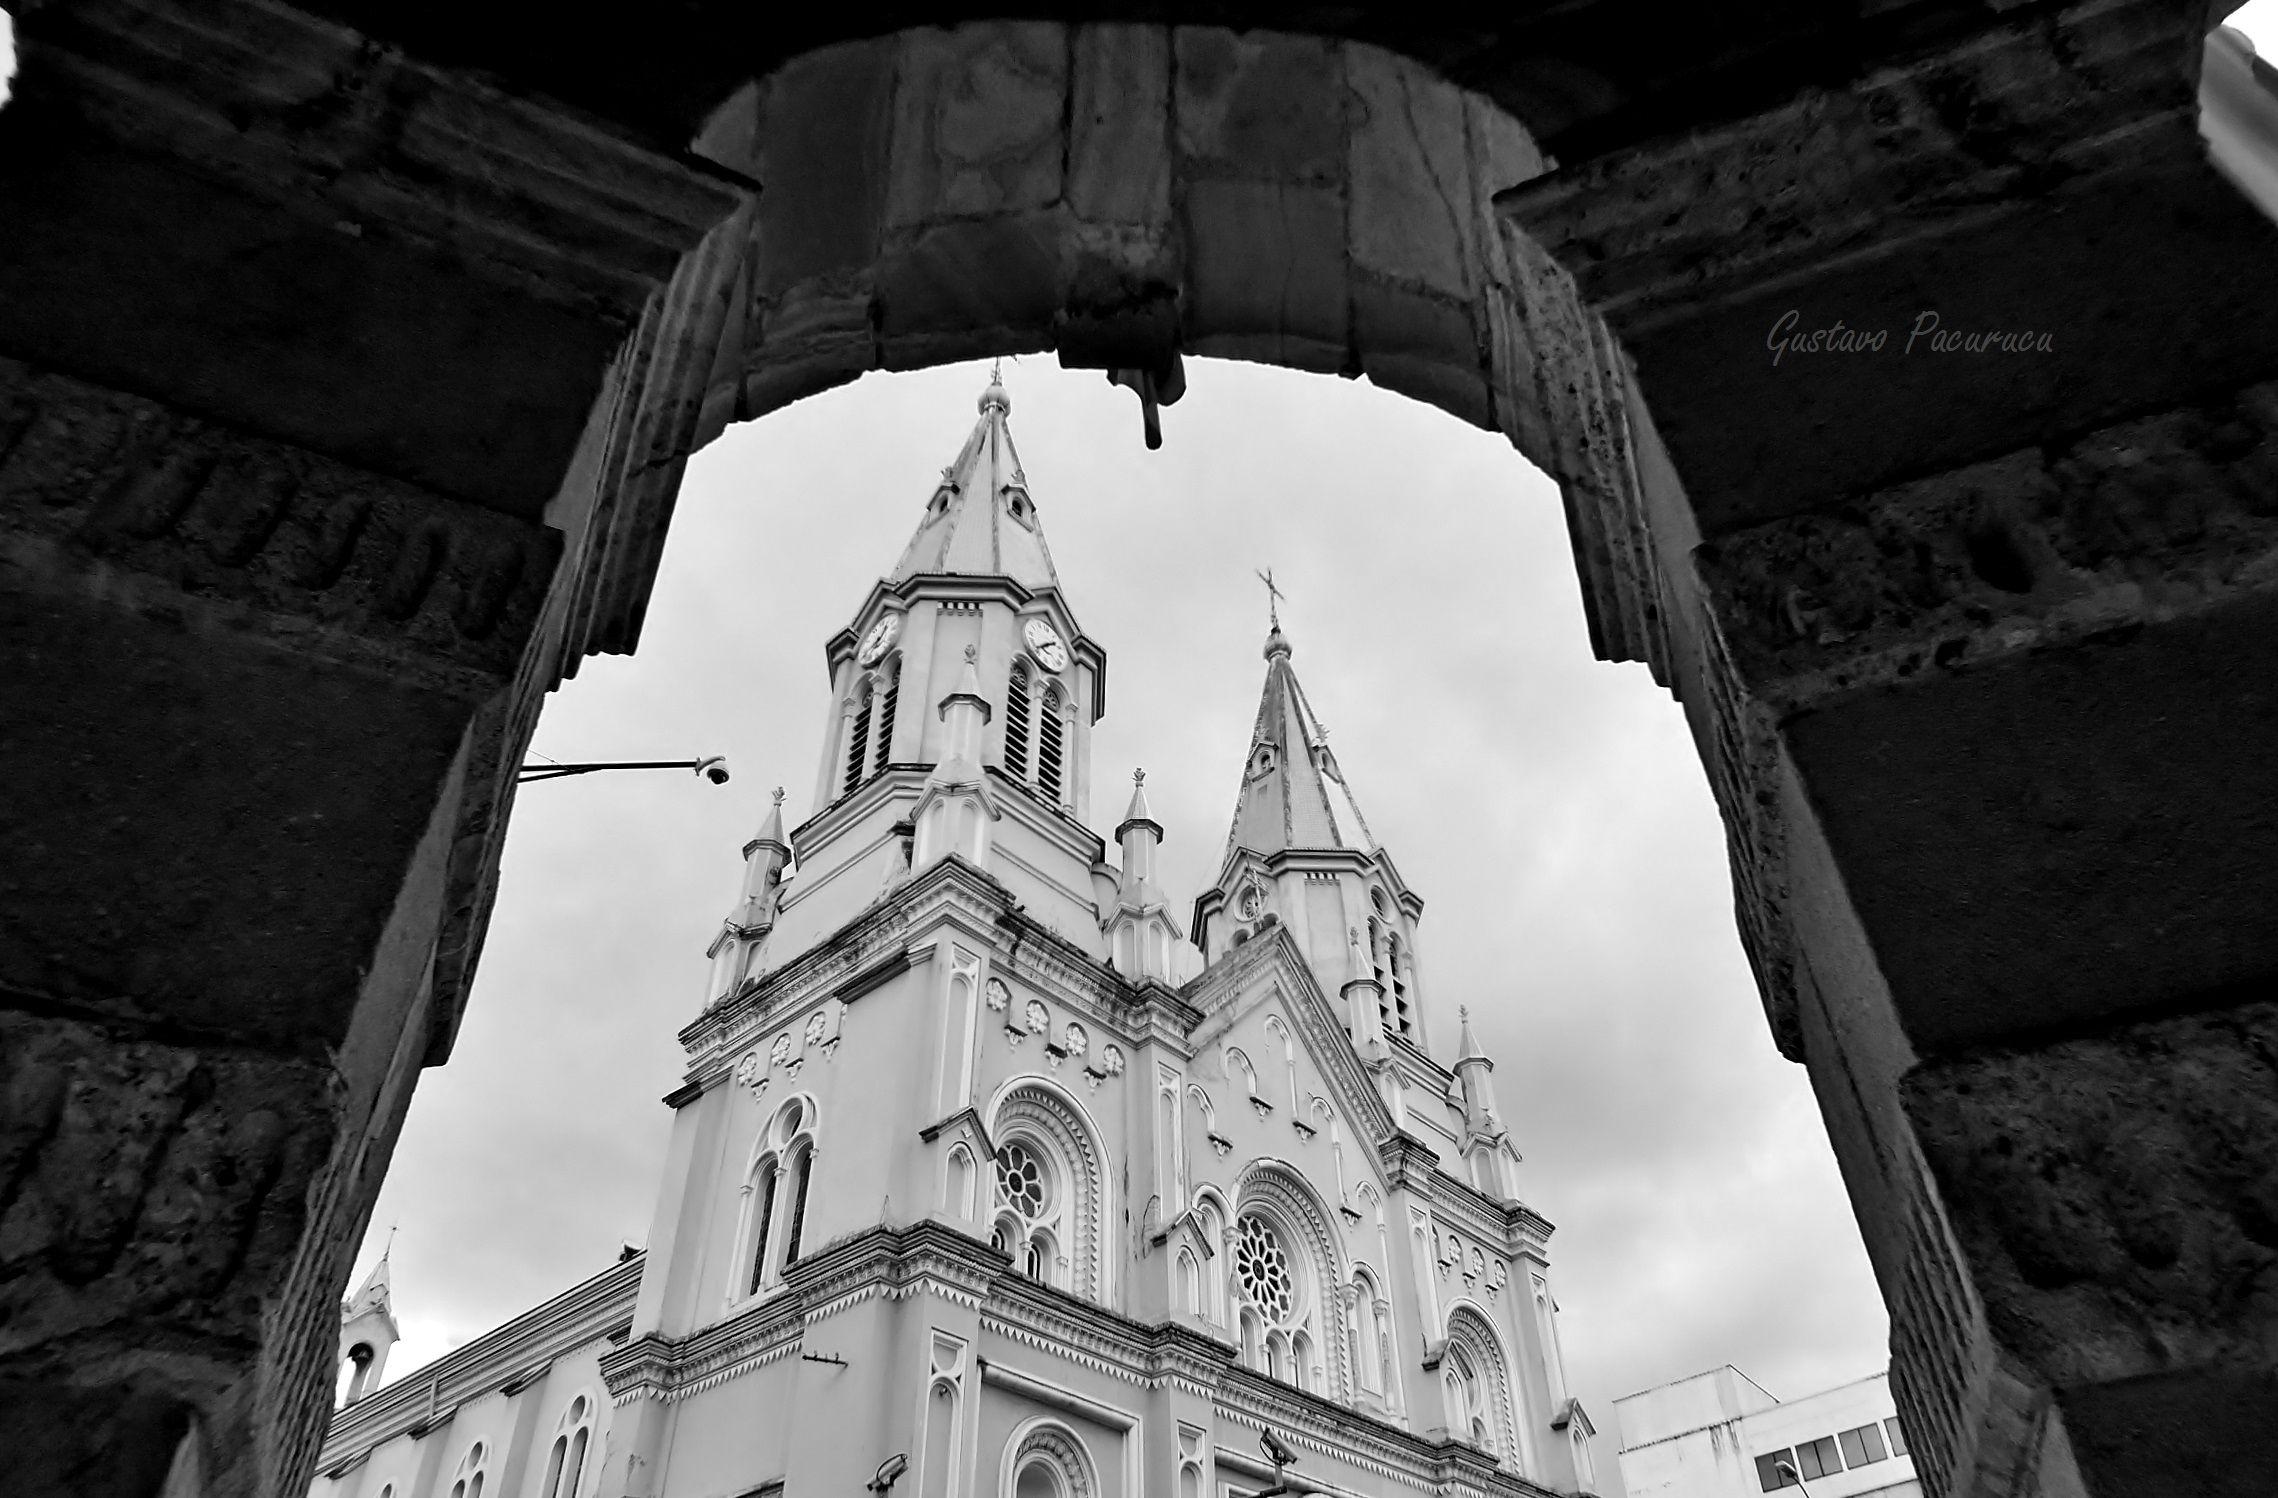 La Iglesia de San Alfonso, vista desde el portal del despacho del Alcalde. / The Church of San Alfonso, seen from municipal office's portal.